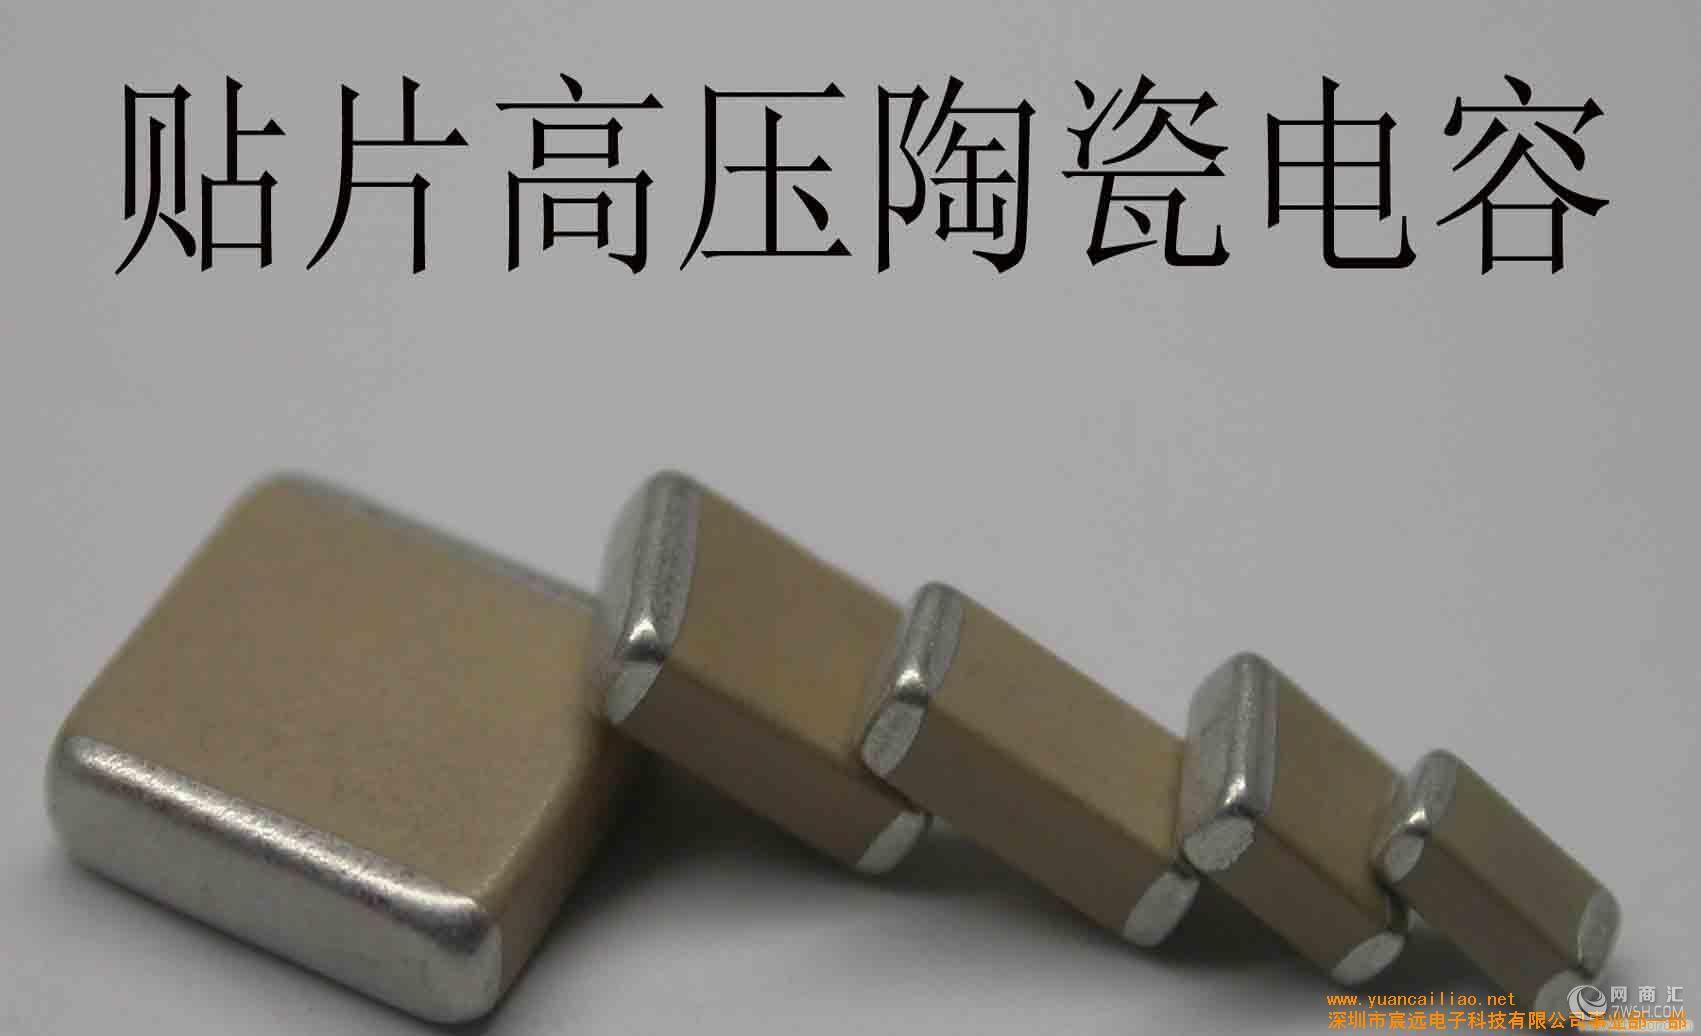 应用于电源电路,实现旁路,去藕,滤波和储能,常用于模块电源,液晶显示